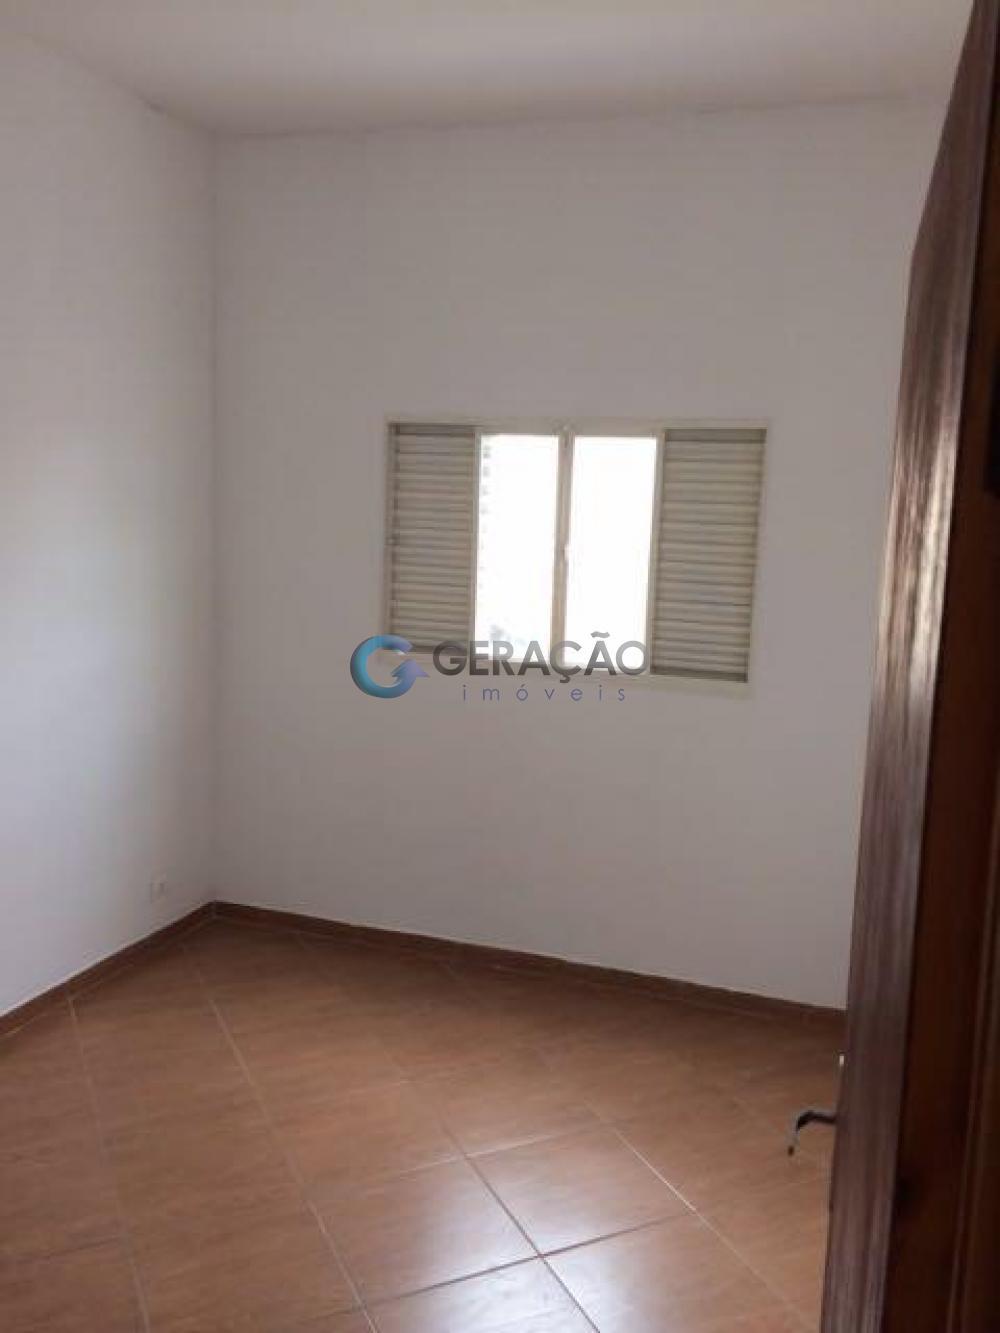 Comprar Comercial / Prédio em São José dos Campos apenas R$ 840.500,00 - Foto 25